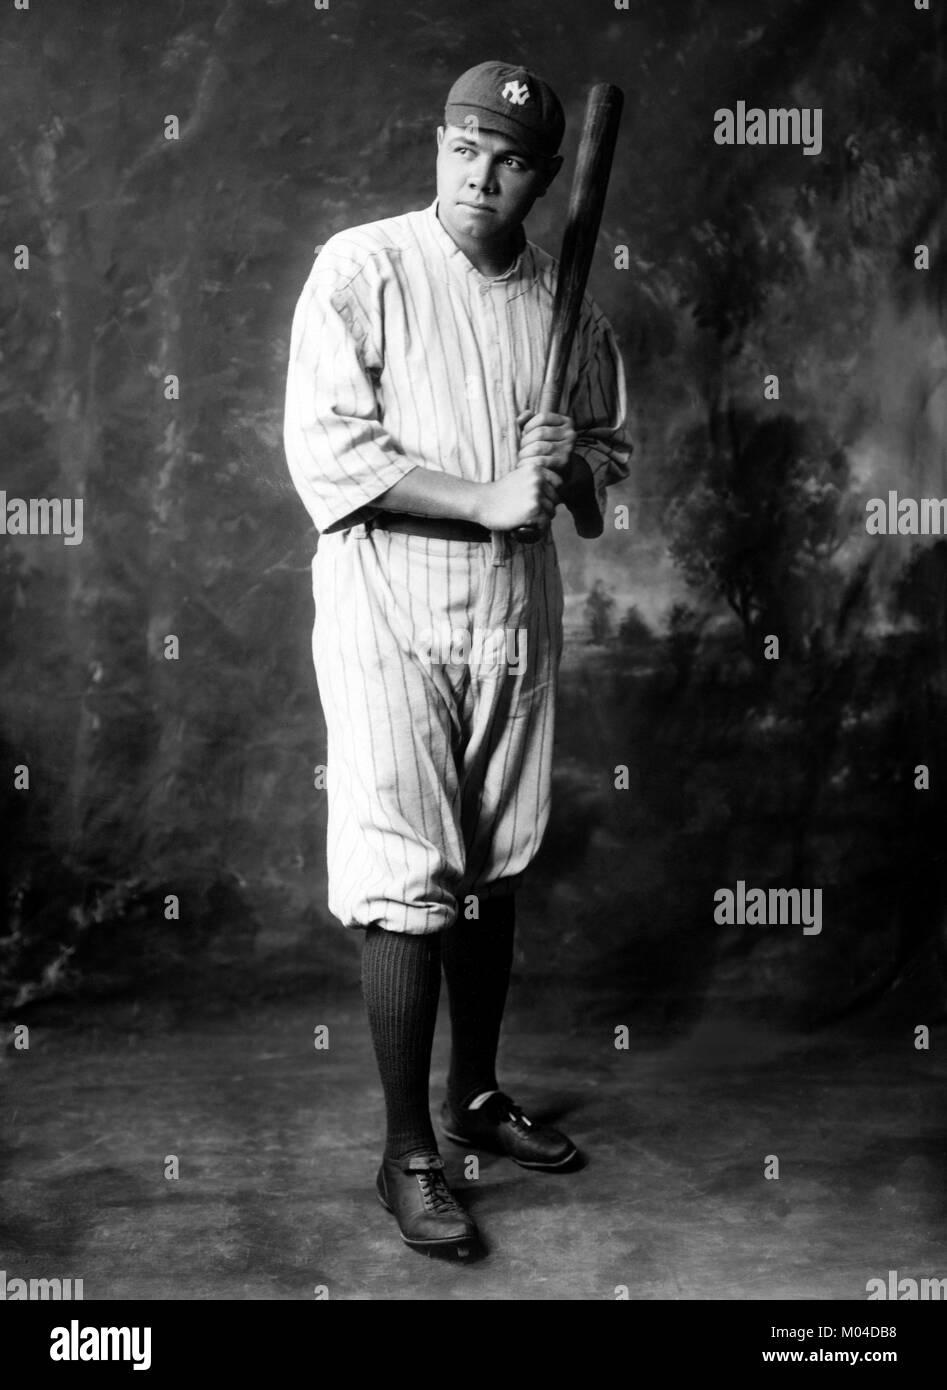 """Il Babe Ruth. Ritratto del baseball americano player George Herman """""""" Babe Ruth Jr. (1895-1948), c.1920 Immagini Stock"""